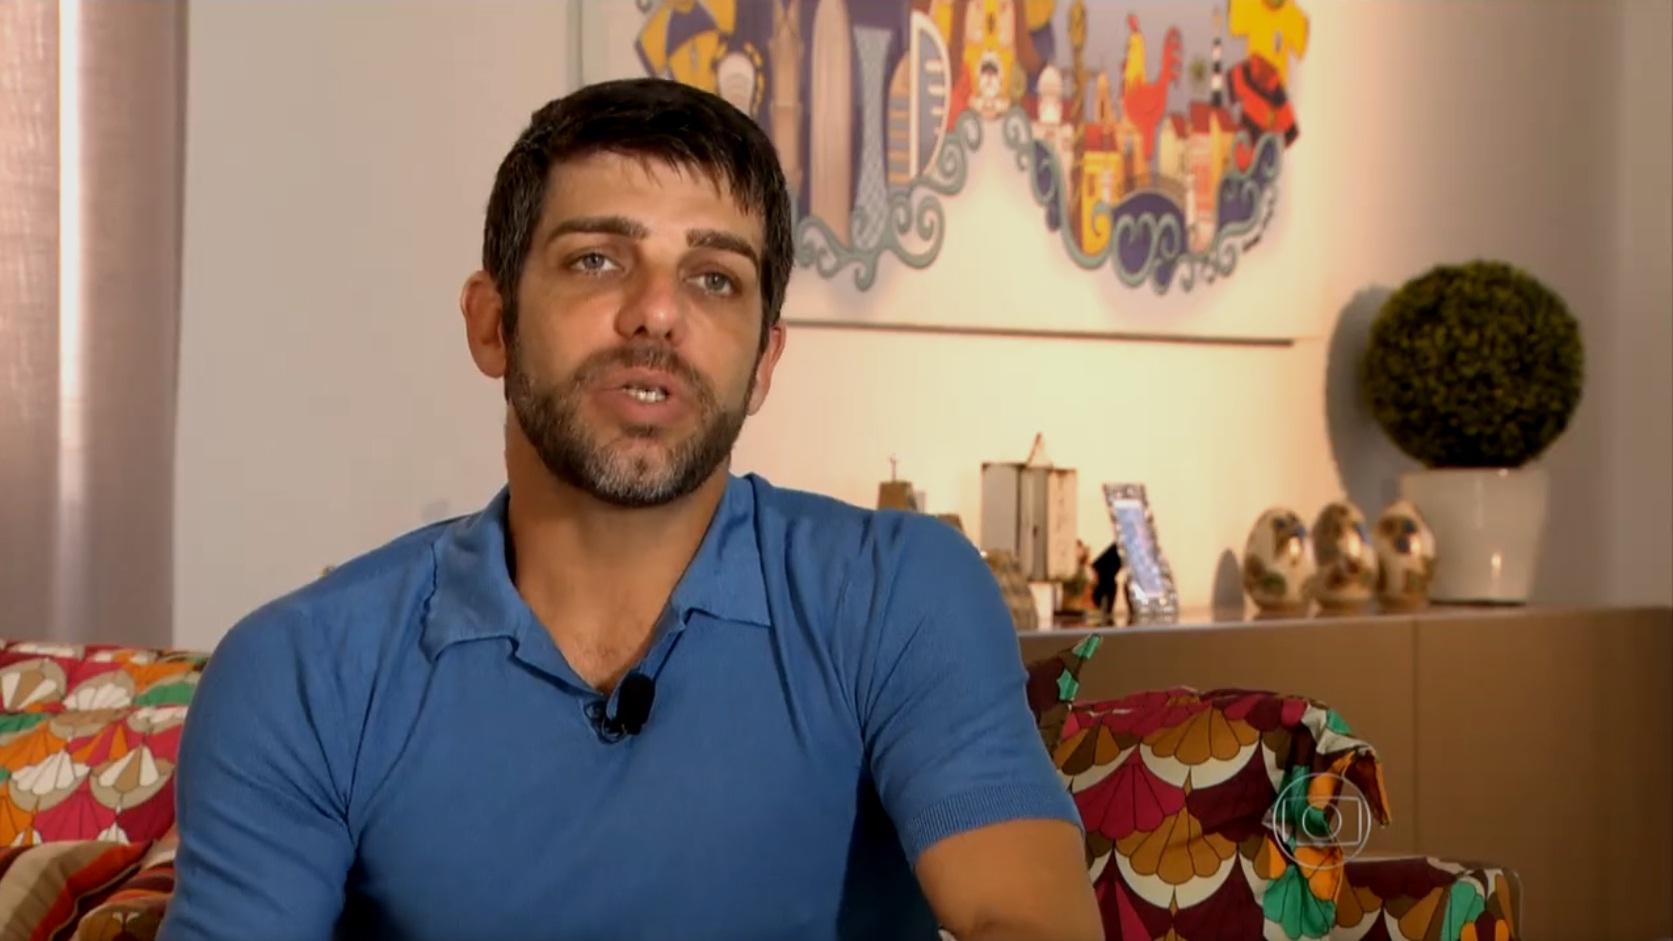 Juninho Pernambucano gera desconforto com comentário polêmico